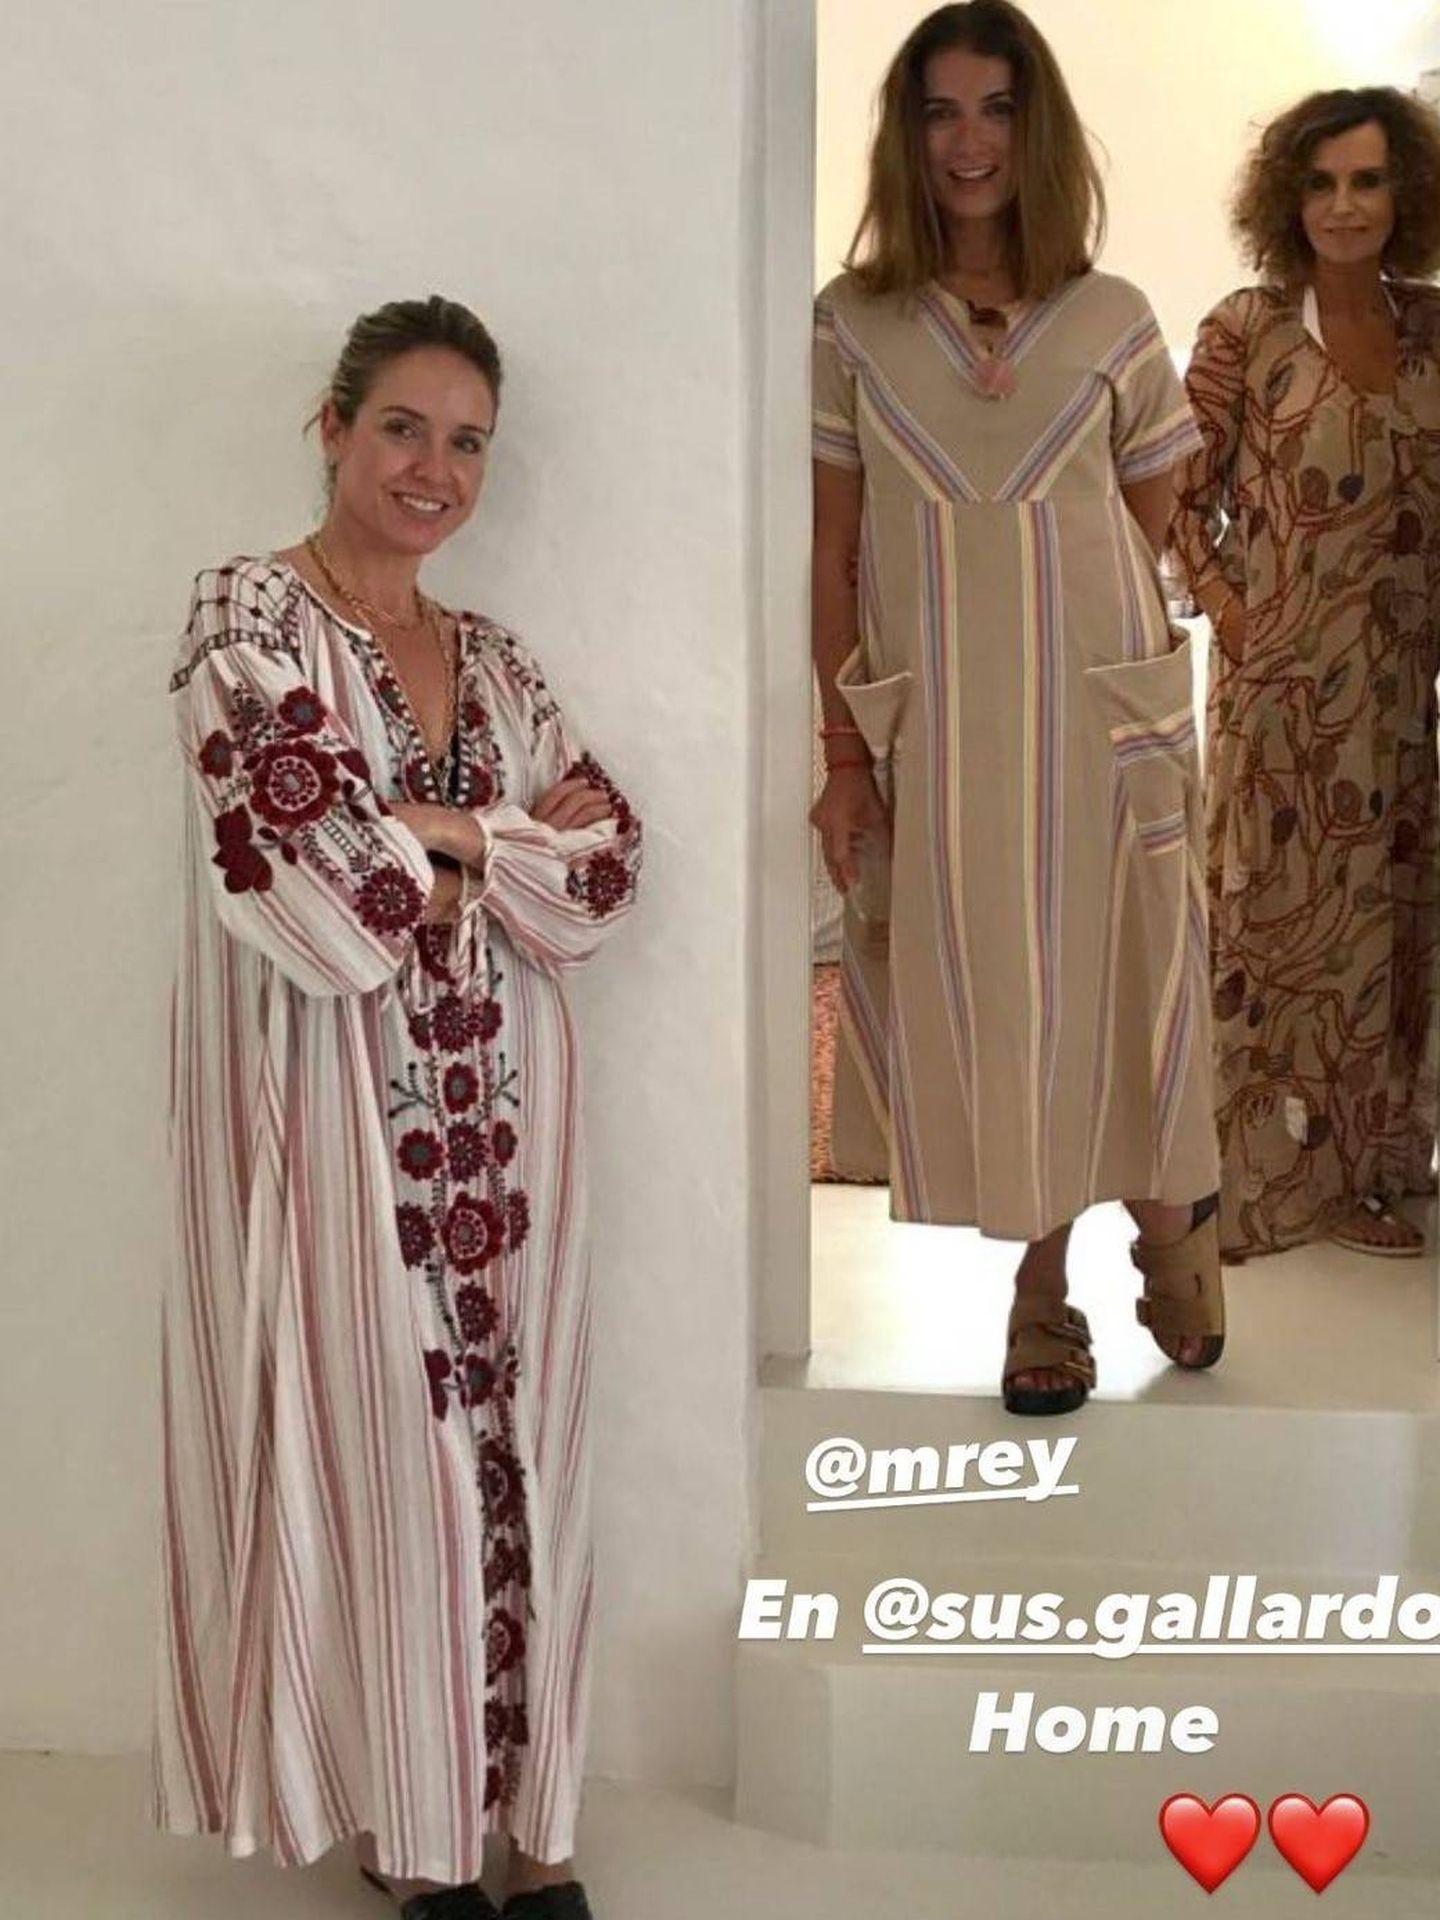 Una fotografía de las amigas en casa de Susana Gallardo. (Redes sociales)